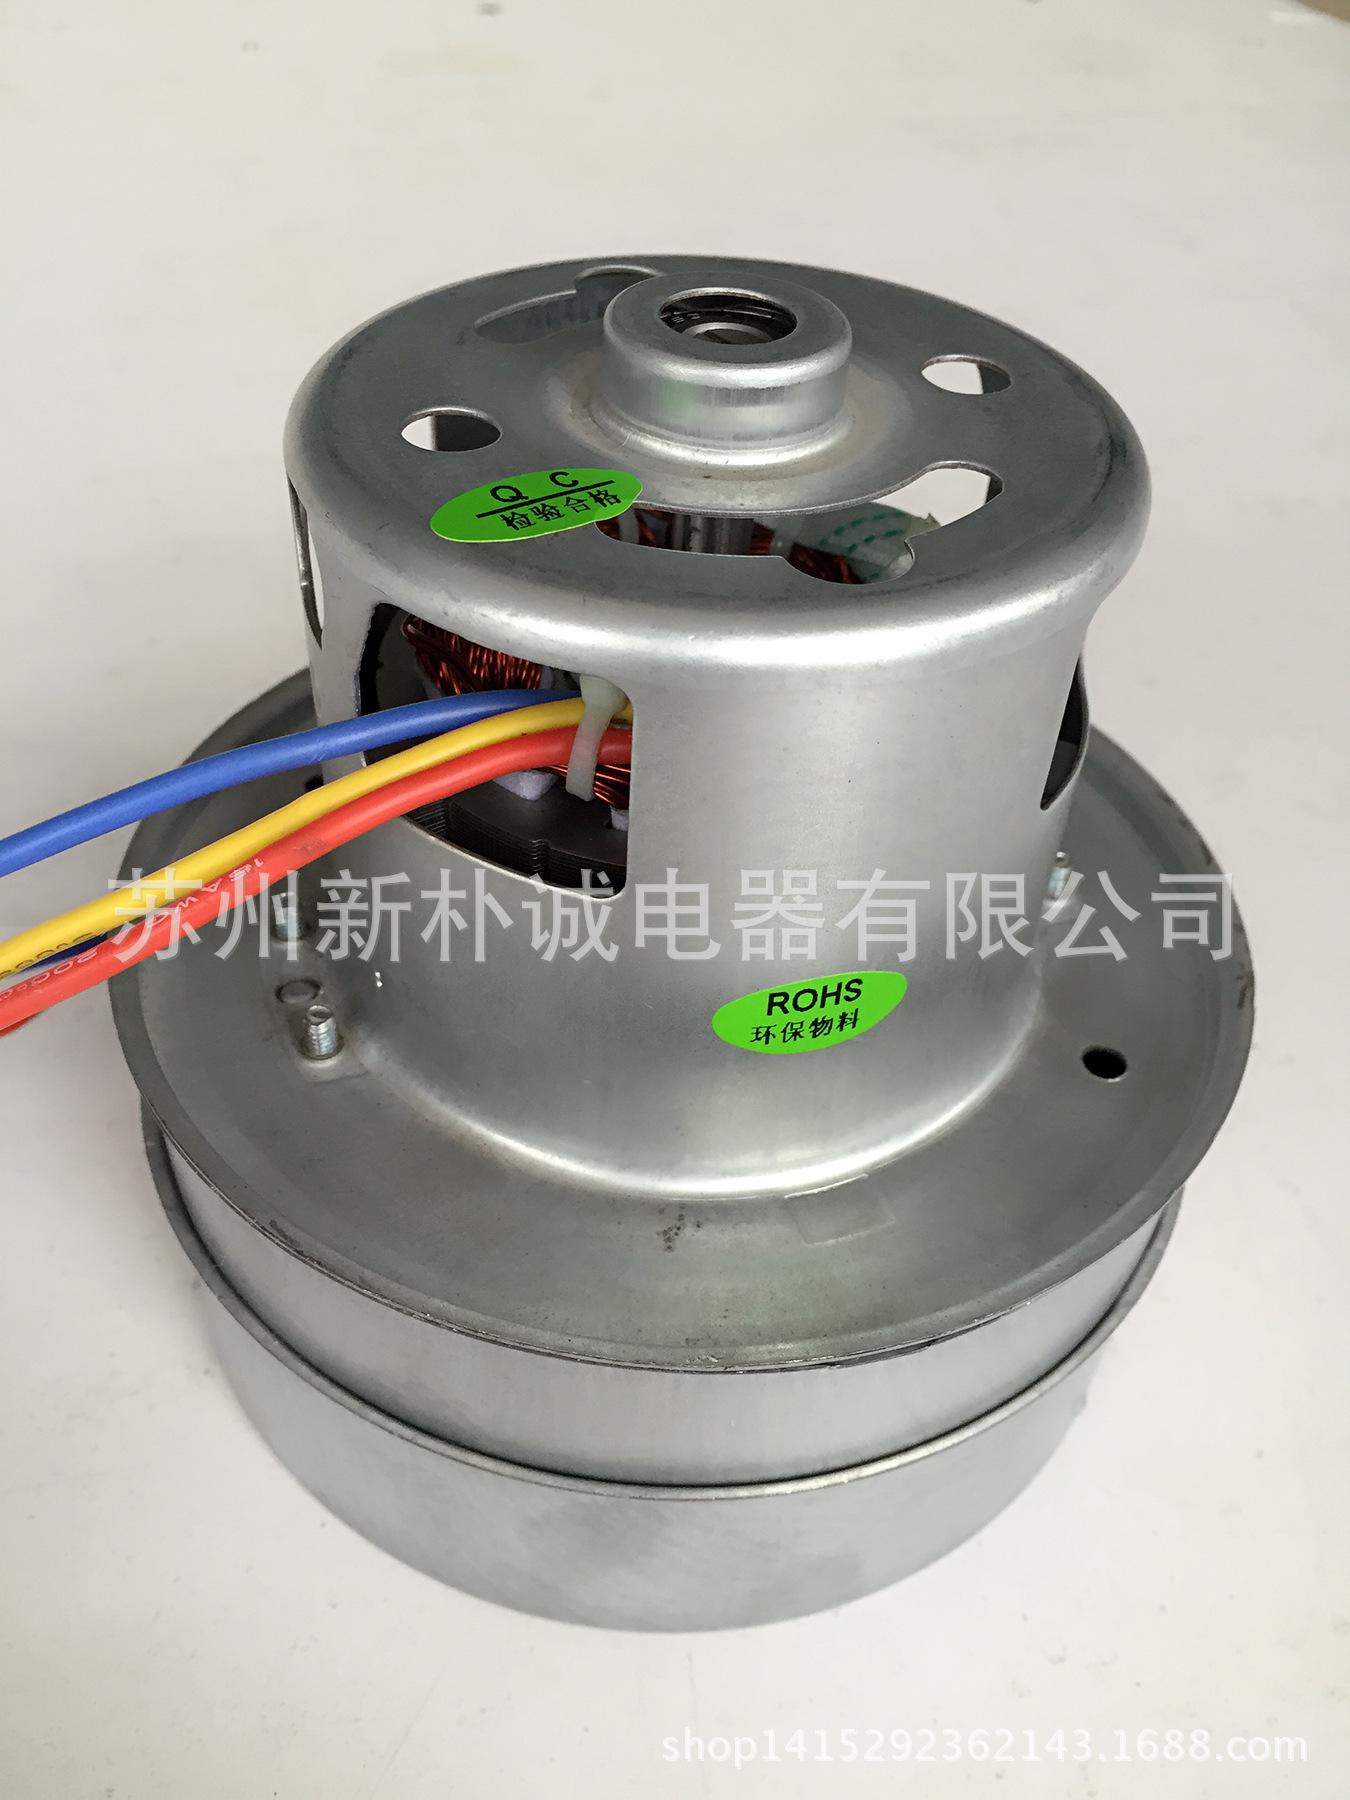 吸尘器用真空马达 直流无刷风机 220v 800w干手机 喷雾器风机